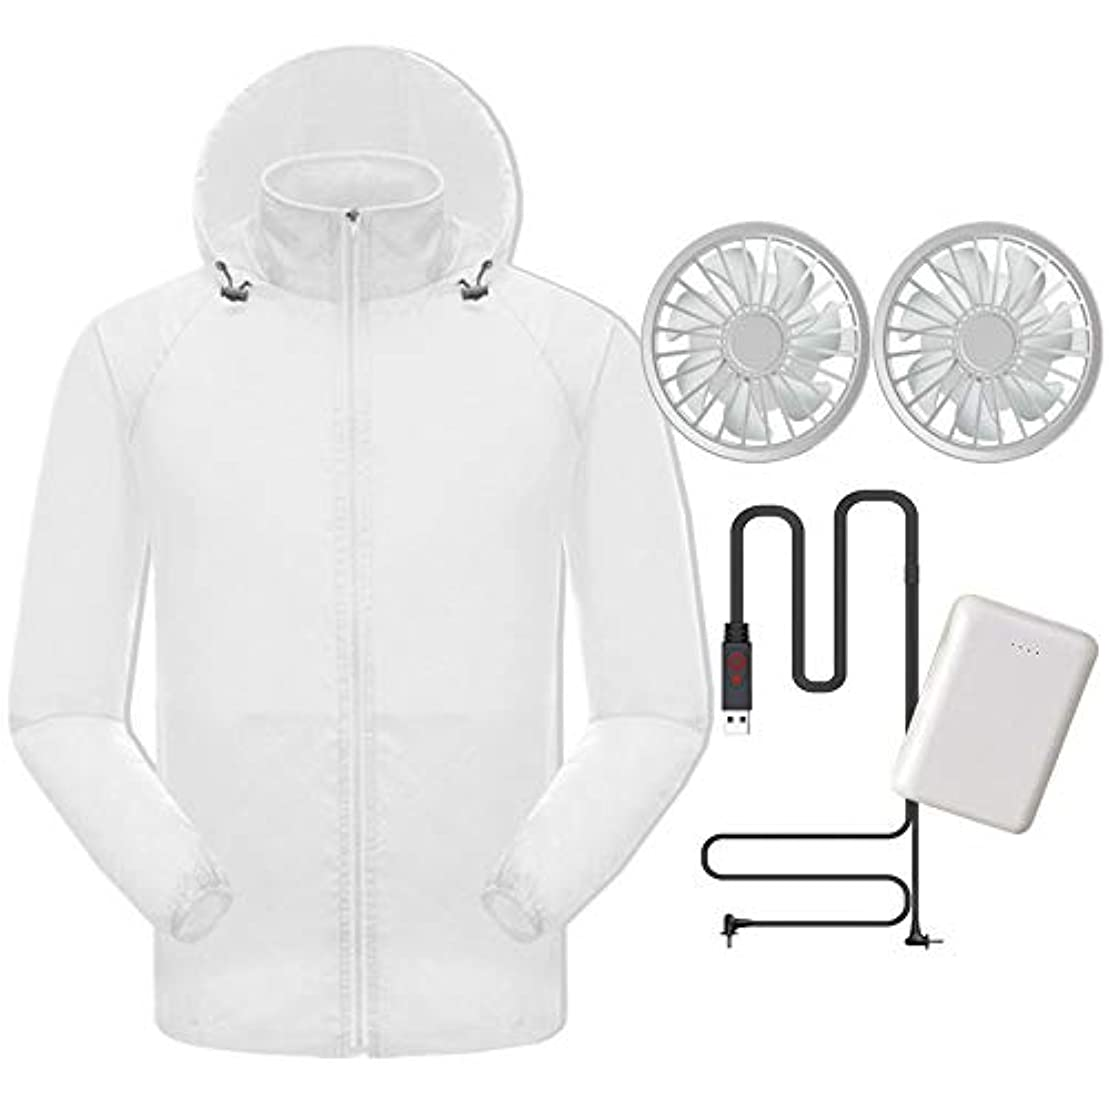 ボクシング幻影緩める夏のスマート冷たい服日焼け止め衣類肌の服男性と女性のアンチスプラッシュ釣り服ファンエアコン衣料品(充電宝物が含まれています),White,XXL